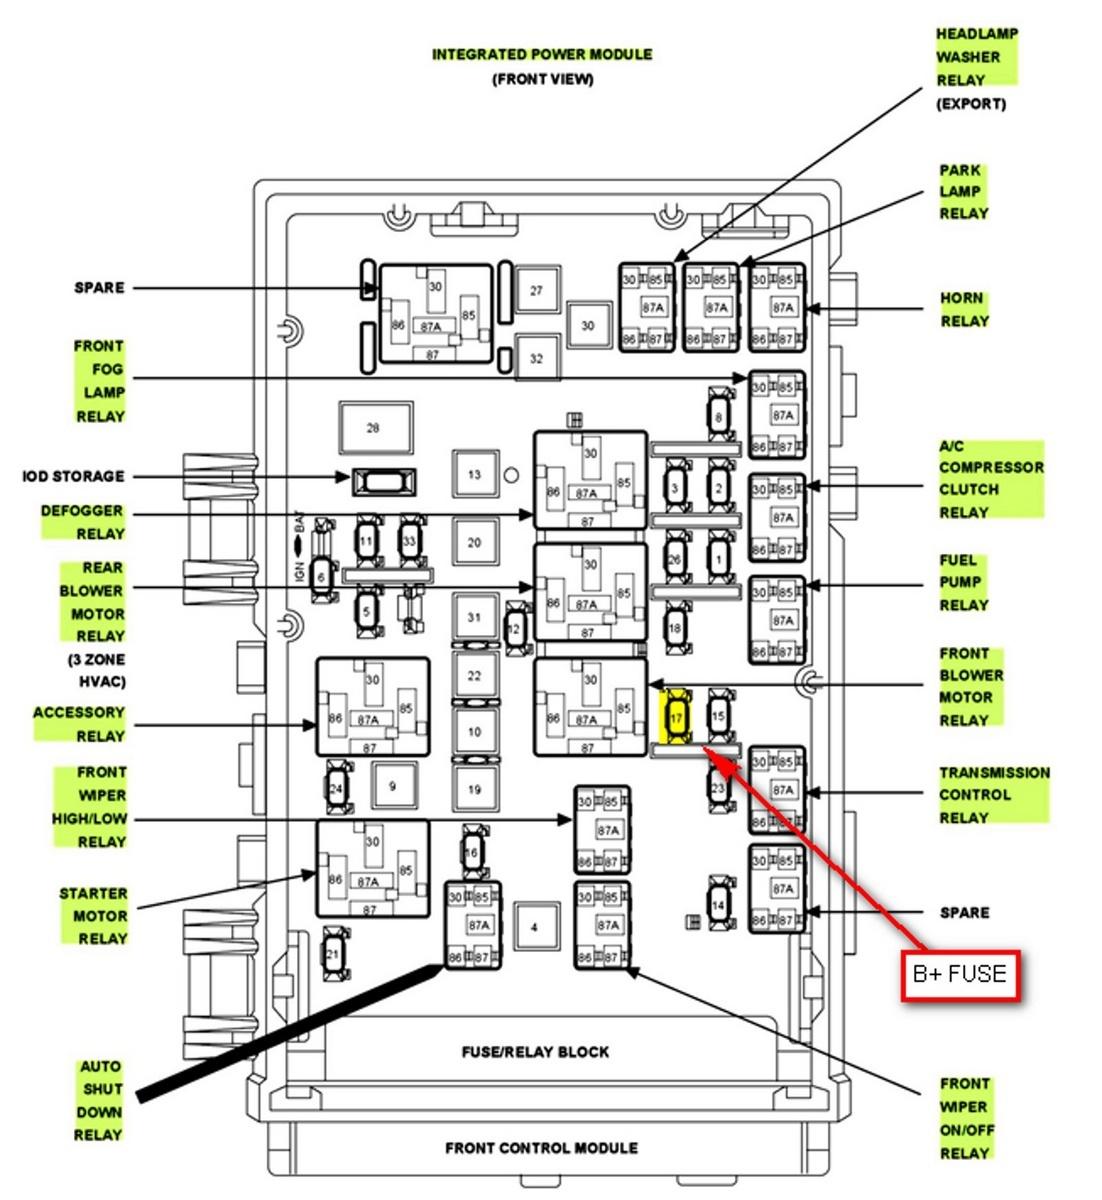 2008 pt cruiser fuse box diagram